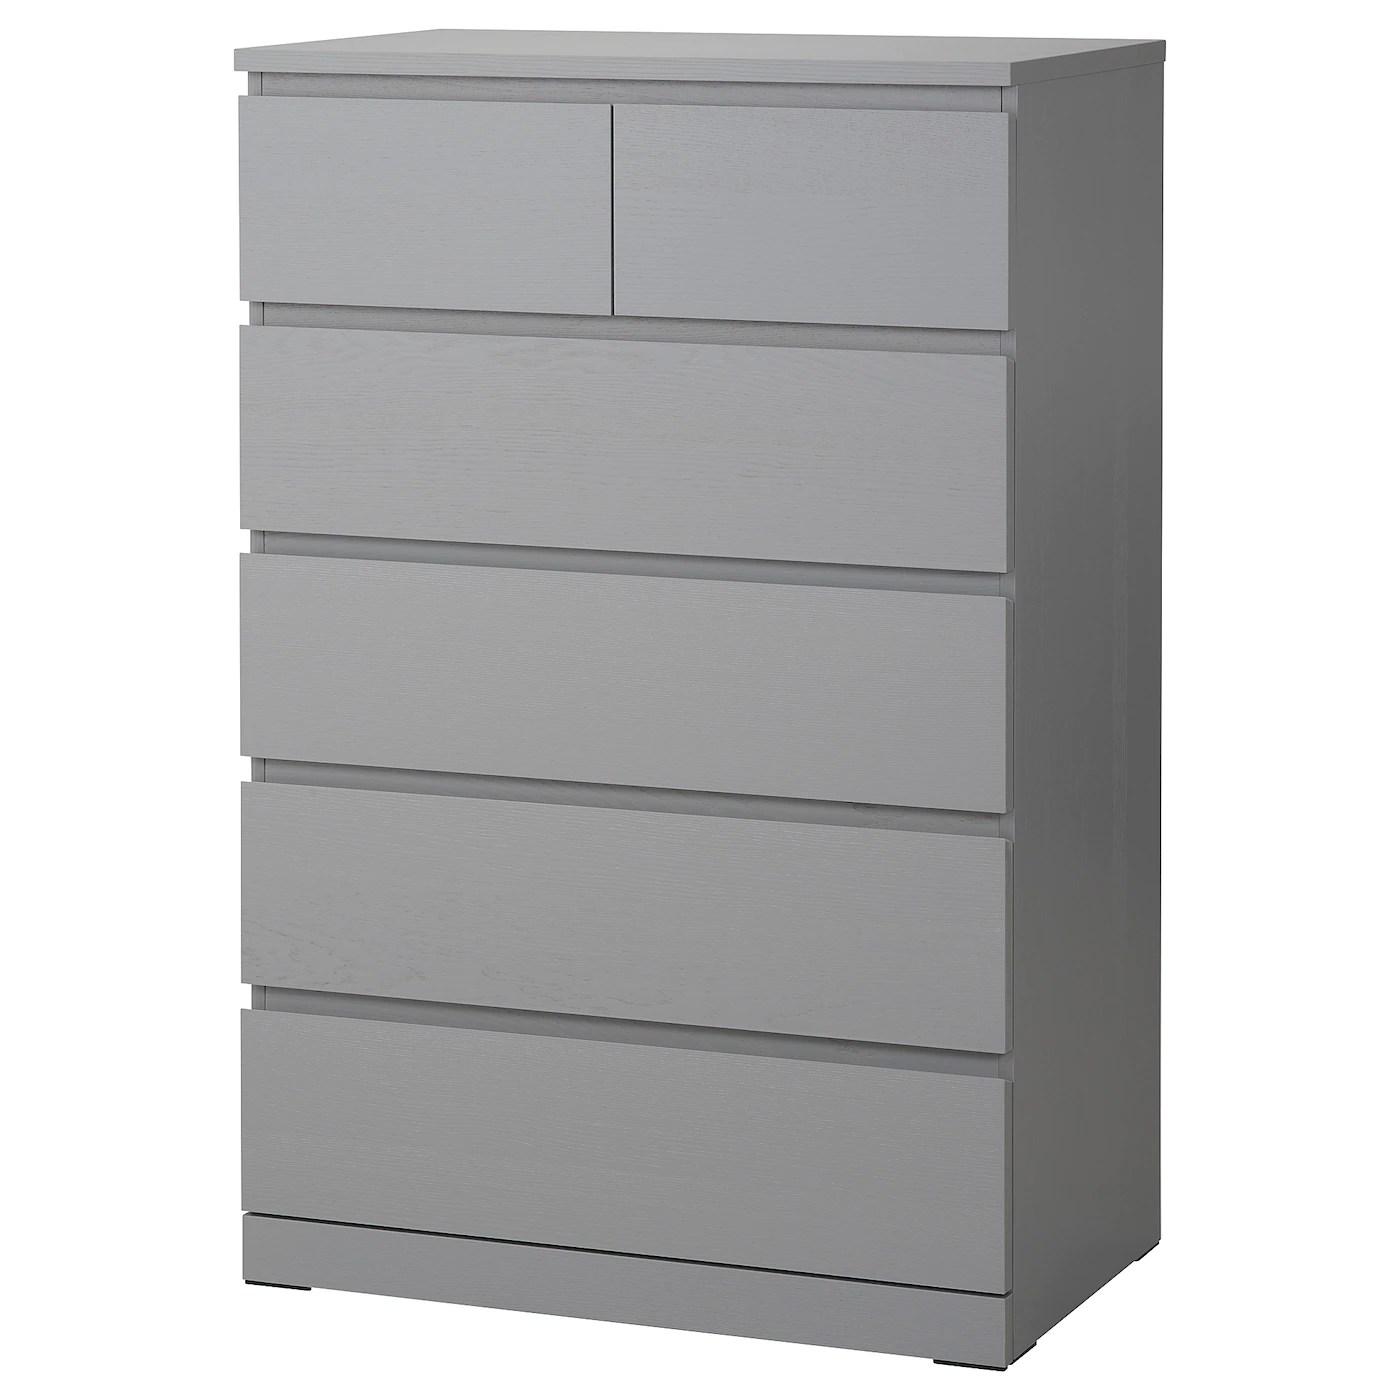 malm commode 6 tiroirs gris teinte 80x123 cm